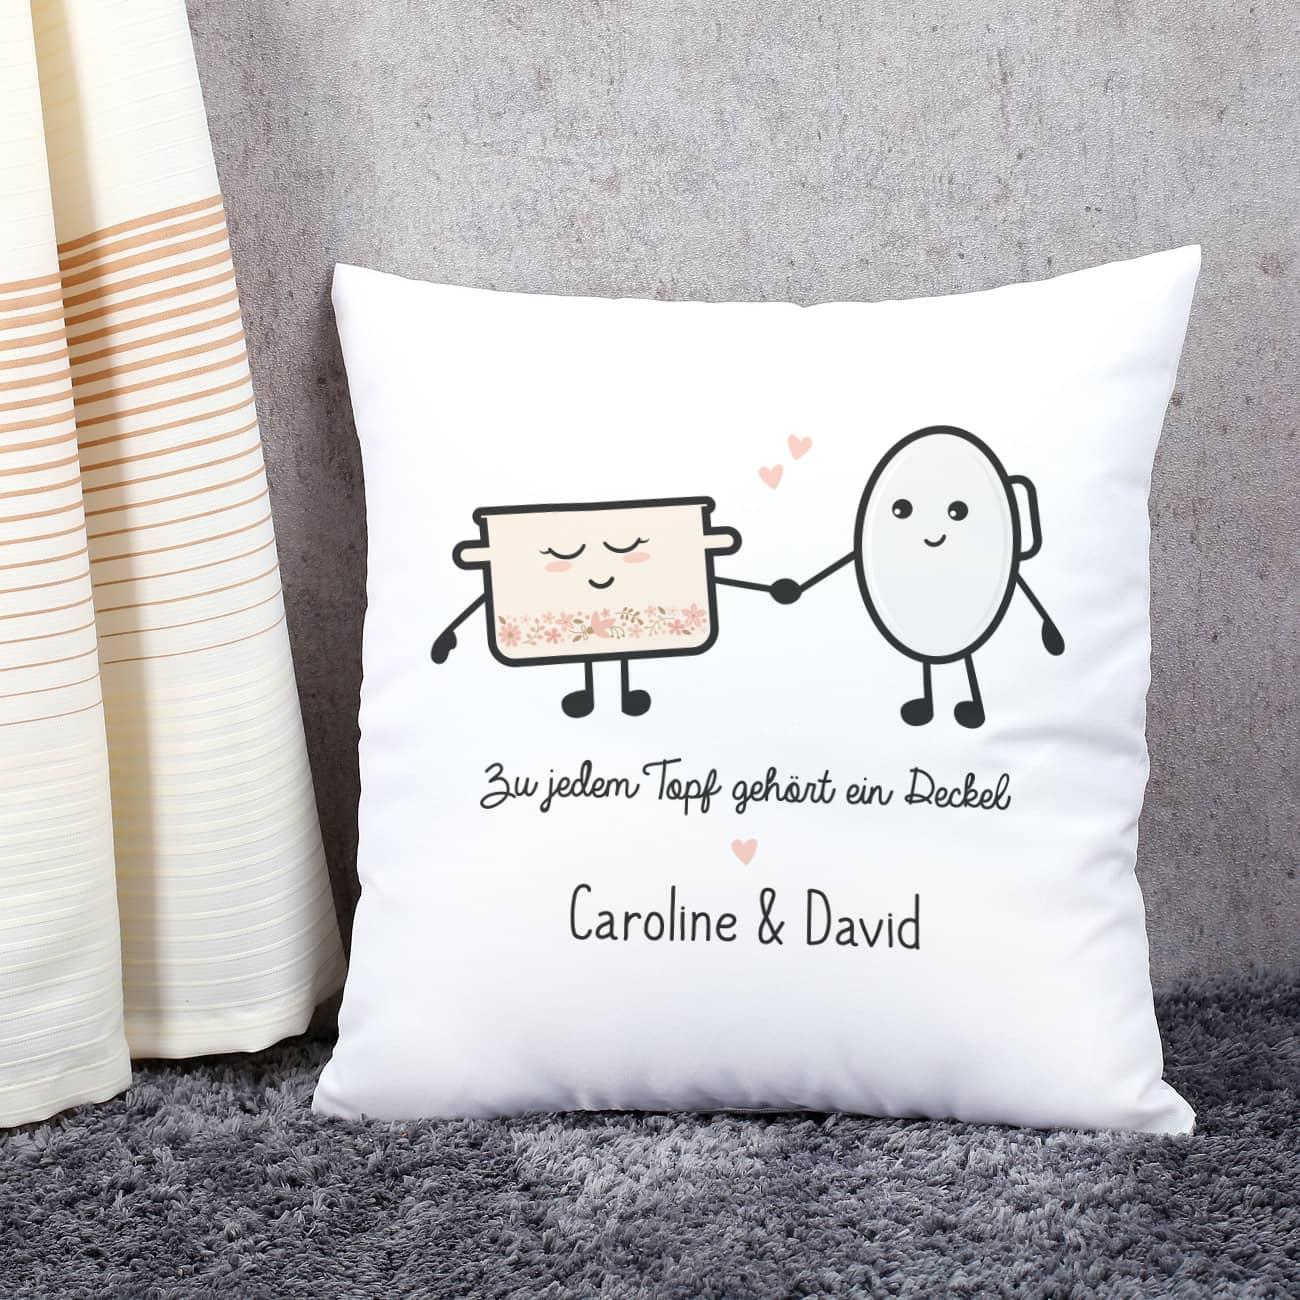 hochzeitsgeschenke geschenkideen zur hochzeit. Black Bedroom Furniture Sets. Home Design Ideas